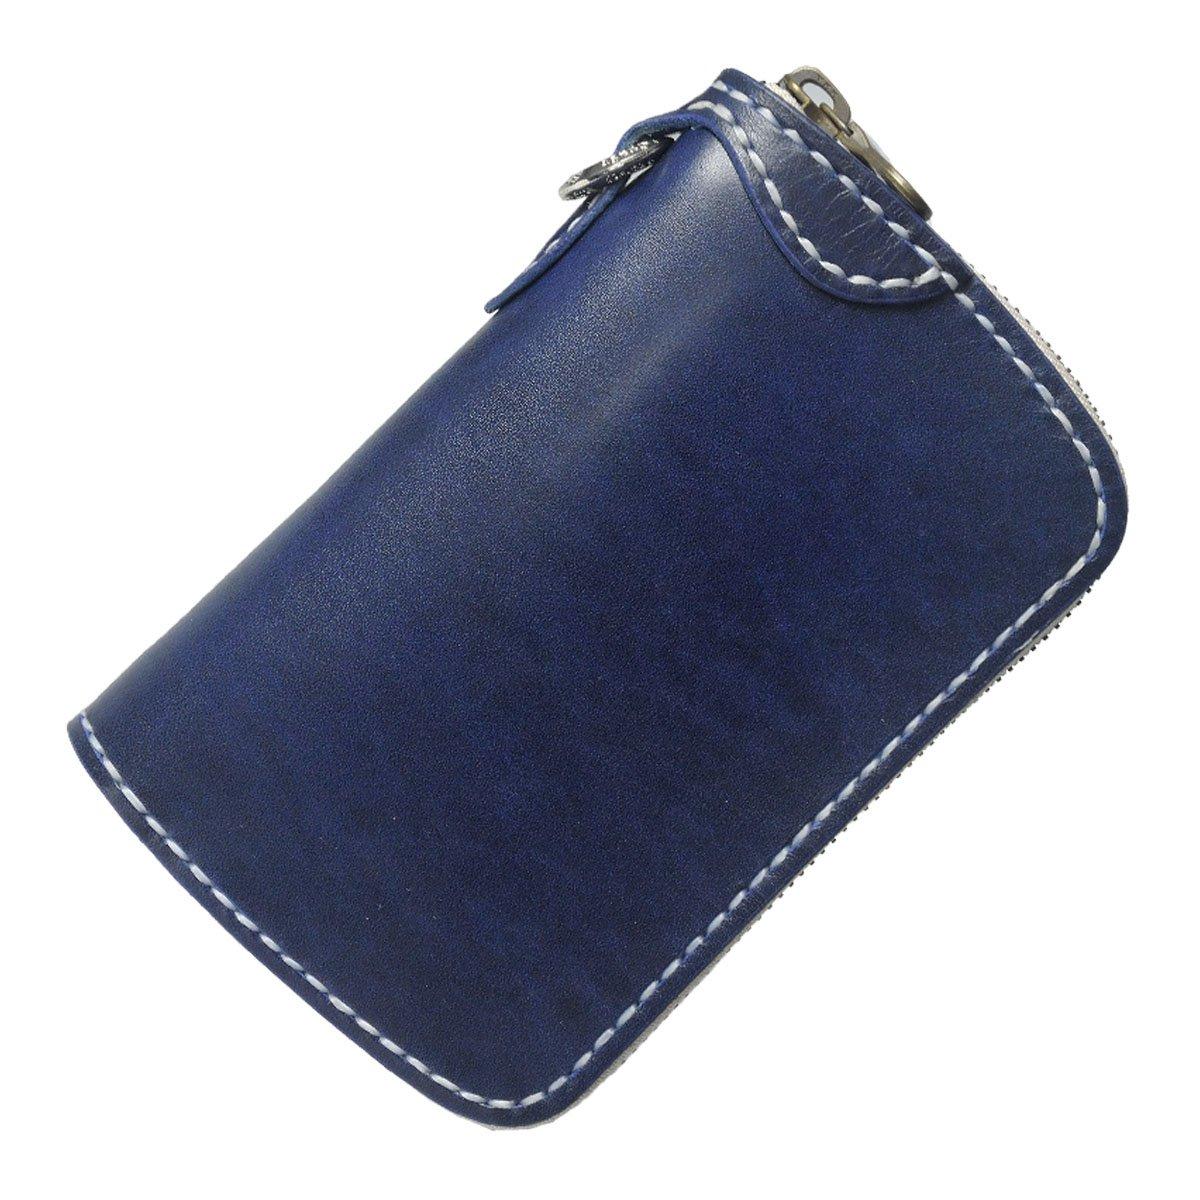 【サムライクラフト】 ラウンドファスナーウォレット タイプ3-R ミドルサイズ ラウンドタイプ ルガトショルダー ネイビー 革財布 ハンドメイド B01HVGBG62  リングカラー/真鍮